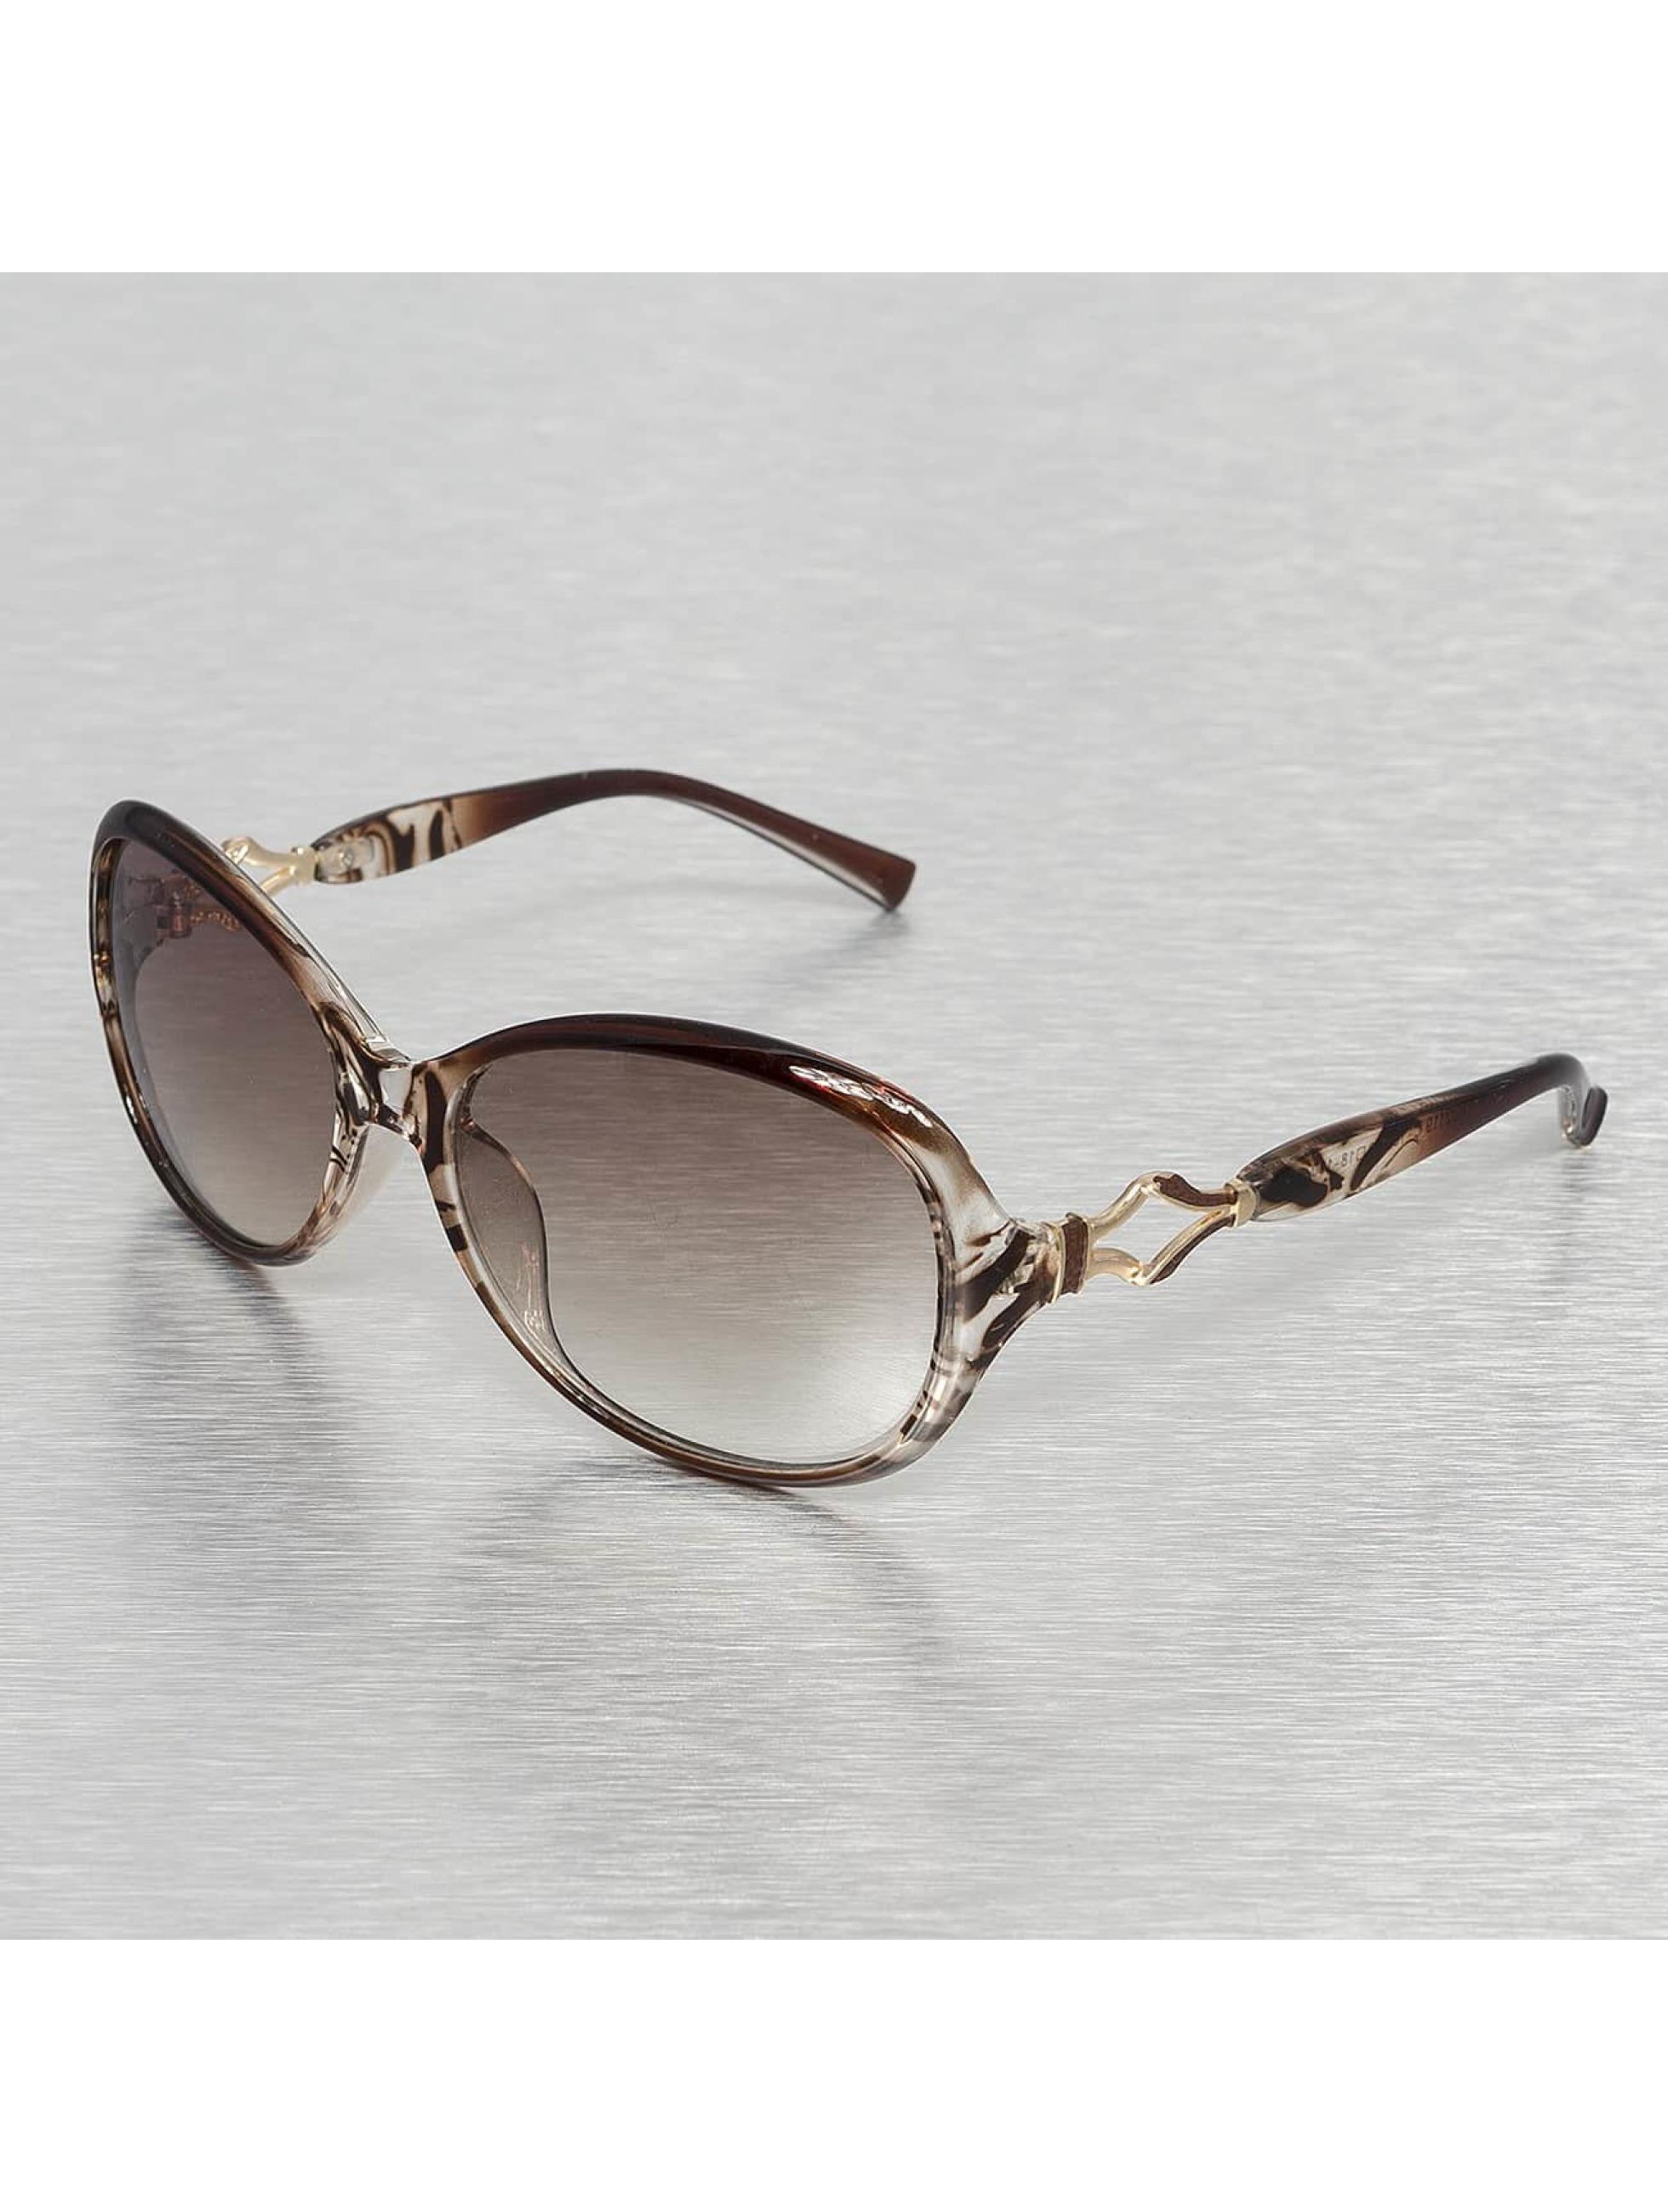 Miami Vision Frauen Sonnenbrille Vision in beige